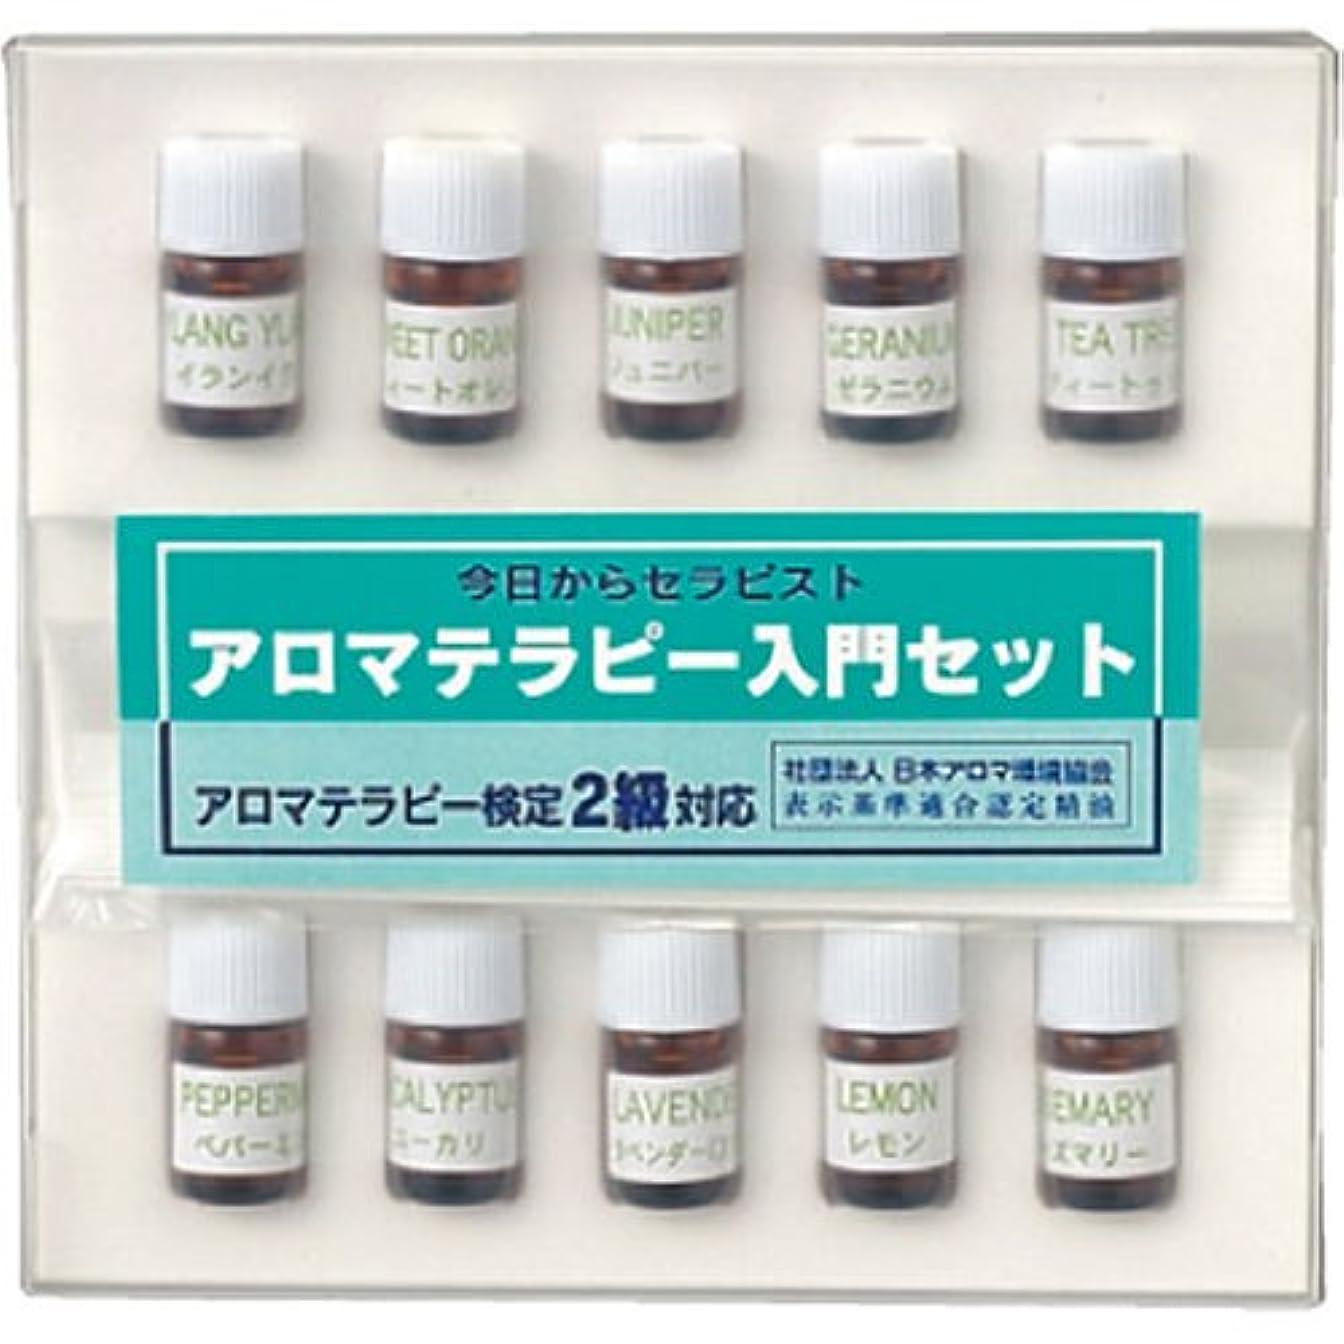 紫のスリップシューズシアー生活の木アロマ入門セット検定2級対応